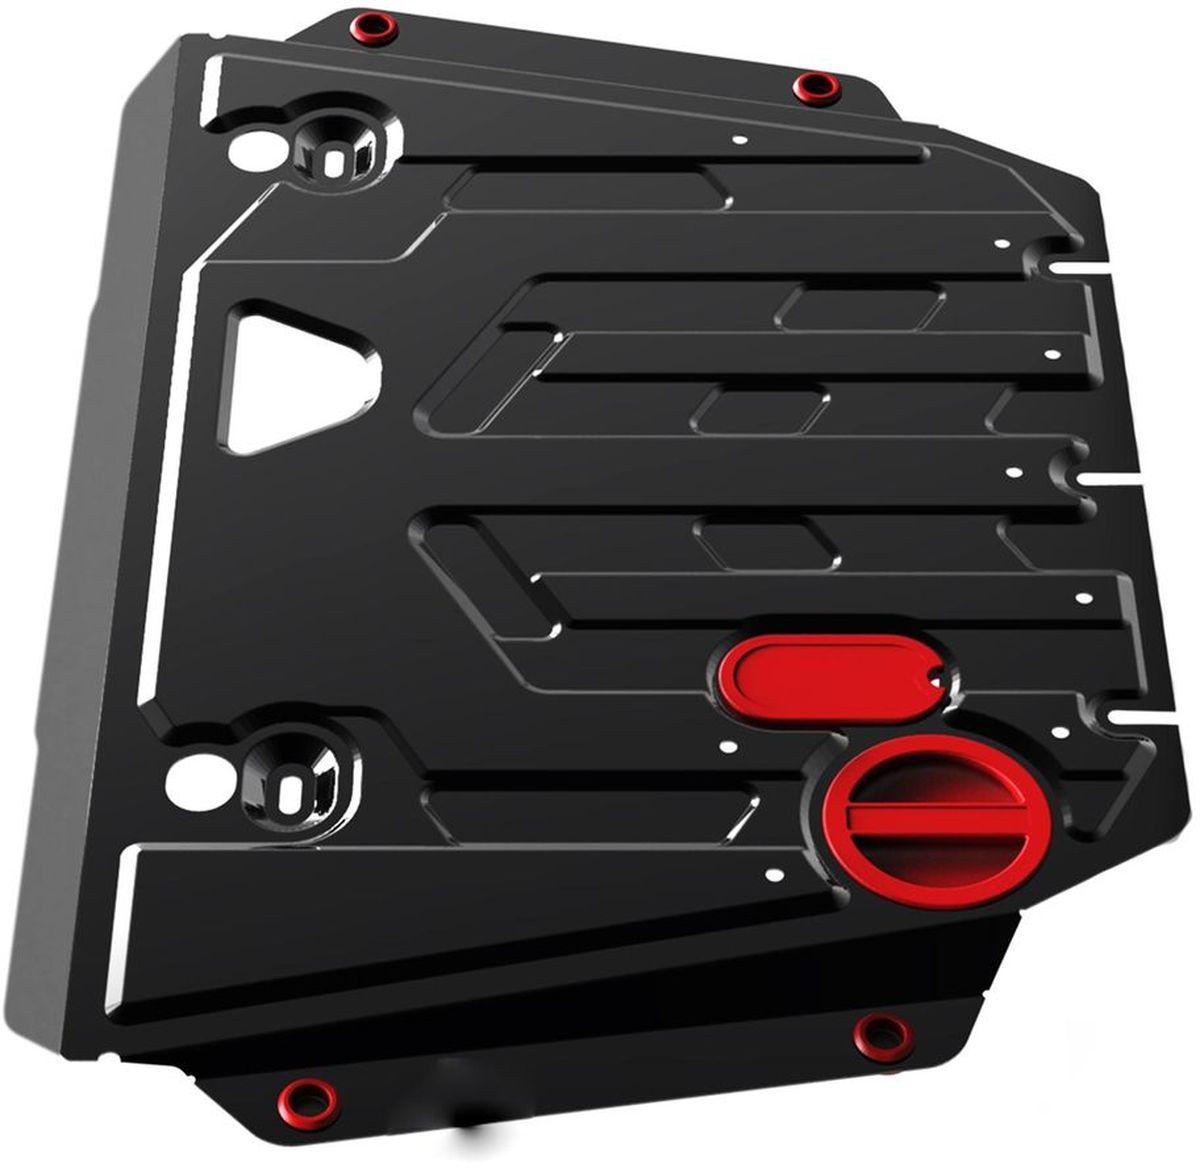 Защита картера и КПП Автоброня, для Hyundai Sonata V - 2,0 (2010-2013)1004900000360Технологически совершенный продукт за невысокую стоимость.Защита разработана с учетом особенностей днища автомобиля, что позволяет сохранить дорожный просвет с минимальным изменением.Защита устанавливается в штатные места кузова автомобиля. Глубокий штамп обеспечивает до двух раз больше жесткости в сравнении с обычной защитой той же толщины. Проштампованные ребра жесткости препятствуют деформации защиты при ударах.Тепловой зазор и вентиляционные отверстия обеспечивают сохранение температурного режима двигателя в норме. Скрытый крепеж предотвращает срыв крепежных элементов при наезде на препятствие.Шумопоглощающие резиновые элементы обеспечивают комфортную езду без вибраций и скрежета металла, а съемные лючки для слива масла и замены фильтра - экономию средств и время.Конструкция изделия не влияет на пассивную безопасность автомобиля (при ударе защита не воздействует на деформационные зоны кузова). Со штатным крепежом. В комплекте инструкция по установке.Толщина стали: 2 мм.Уважаемые клиенты!Обращаем ваше внимание, что элемент защиты имеет форму, соответствующую модели данного автомобиля. Фото служит для визуального восприятия товара и может отличаться от фактического.